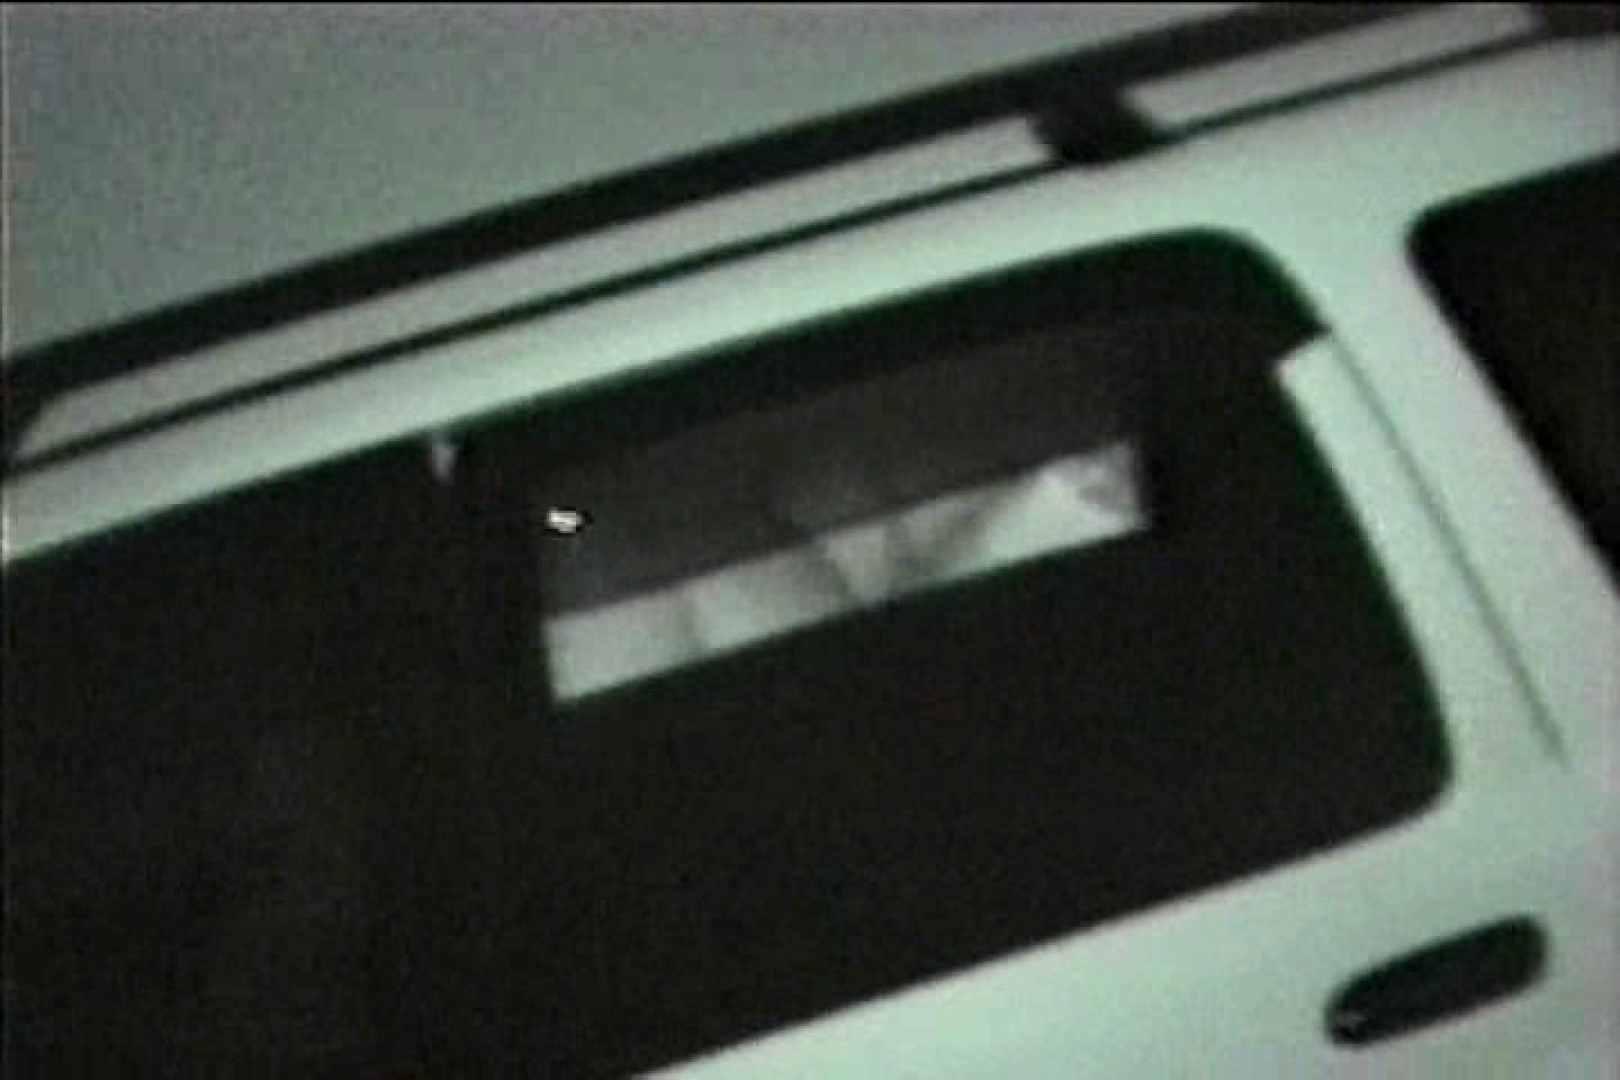 車の中はラブホテル 無修正版  Vol.7 カーセックス 覗きおまんこ画像 60連発 38